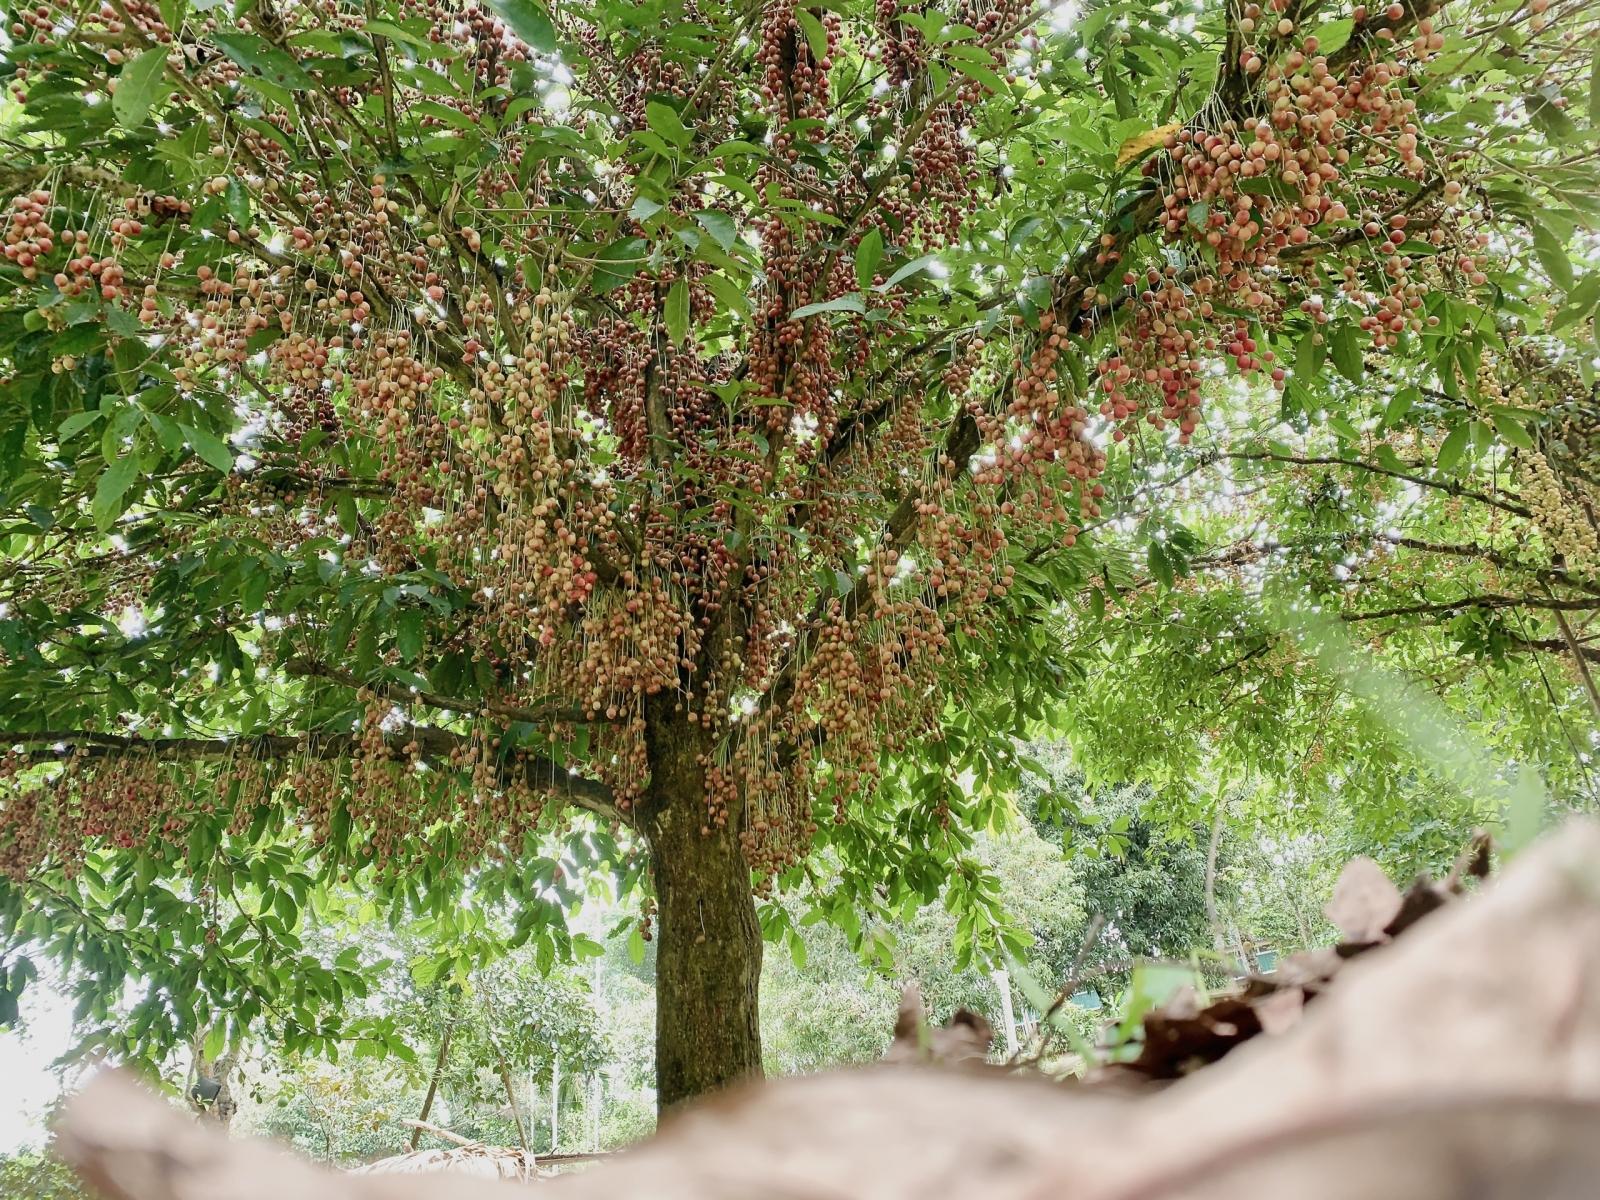 Hà Tĩnh: Loại quả mọc chi chít từ gốc đến ngọn, thương lái phải đến tận vườn đặt mua? - Ảnh 1.